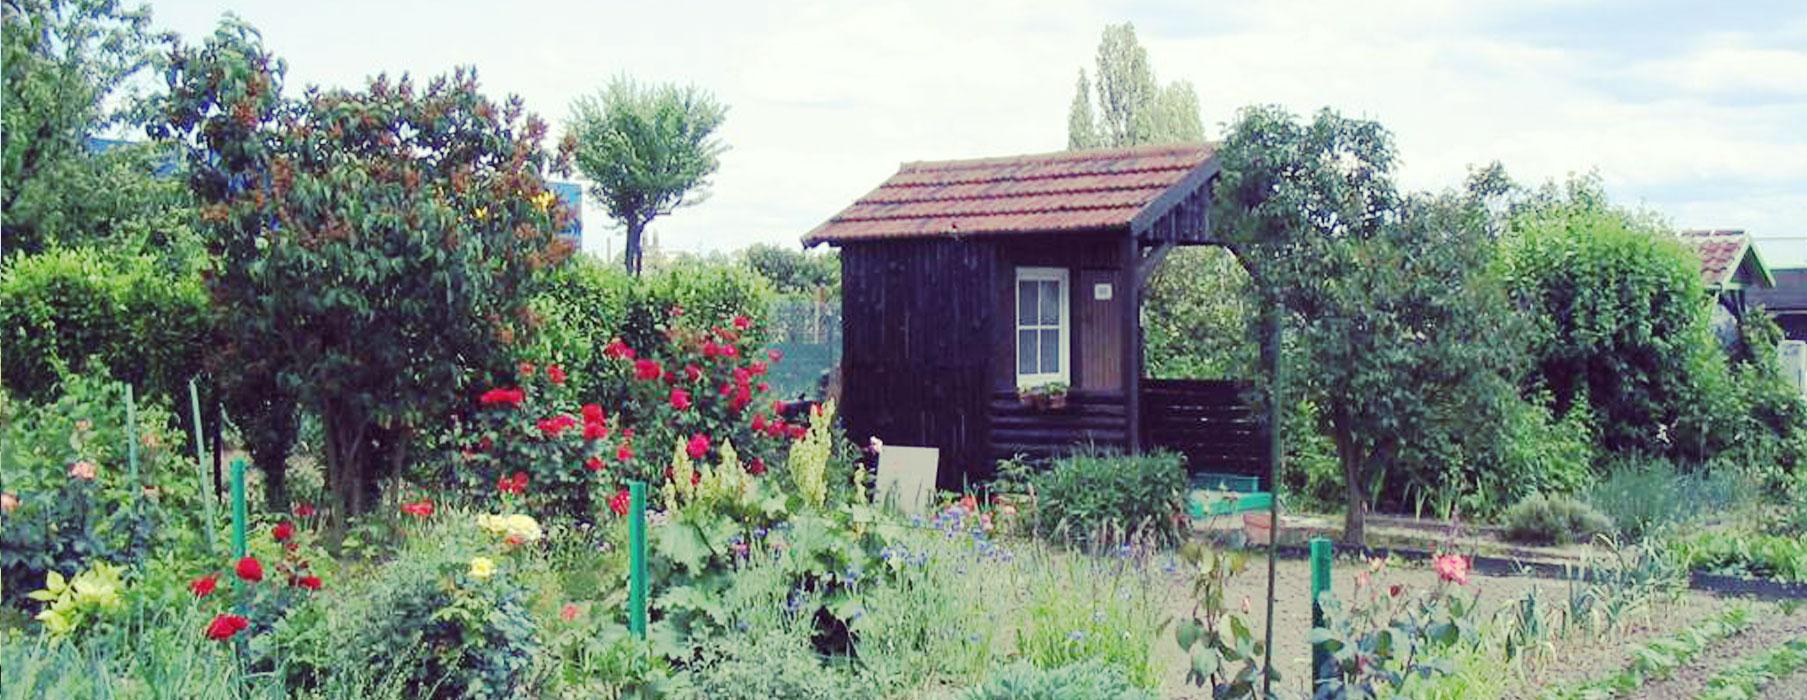 Règlement des jardins familiaux semi-aménagés